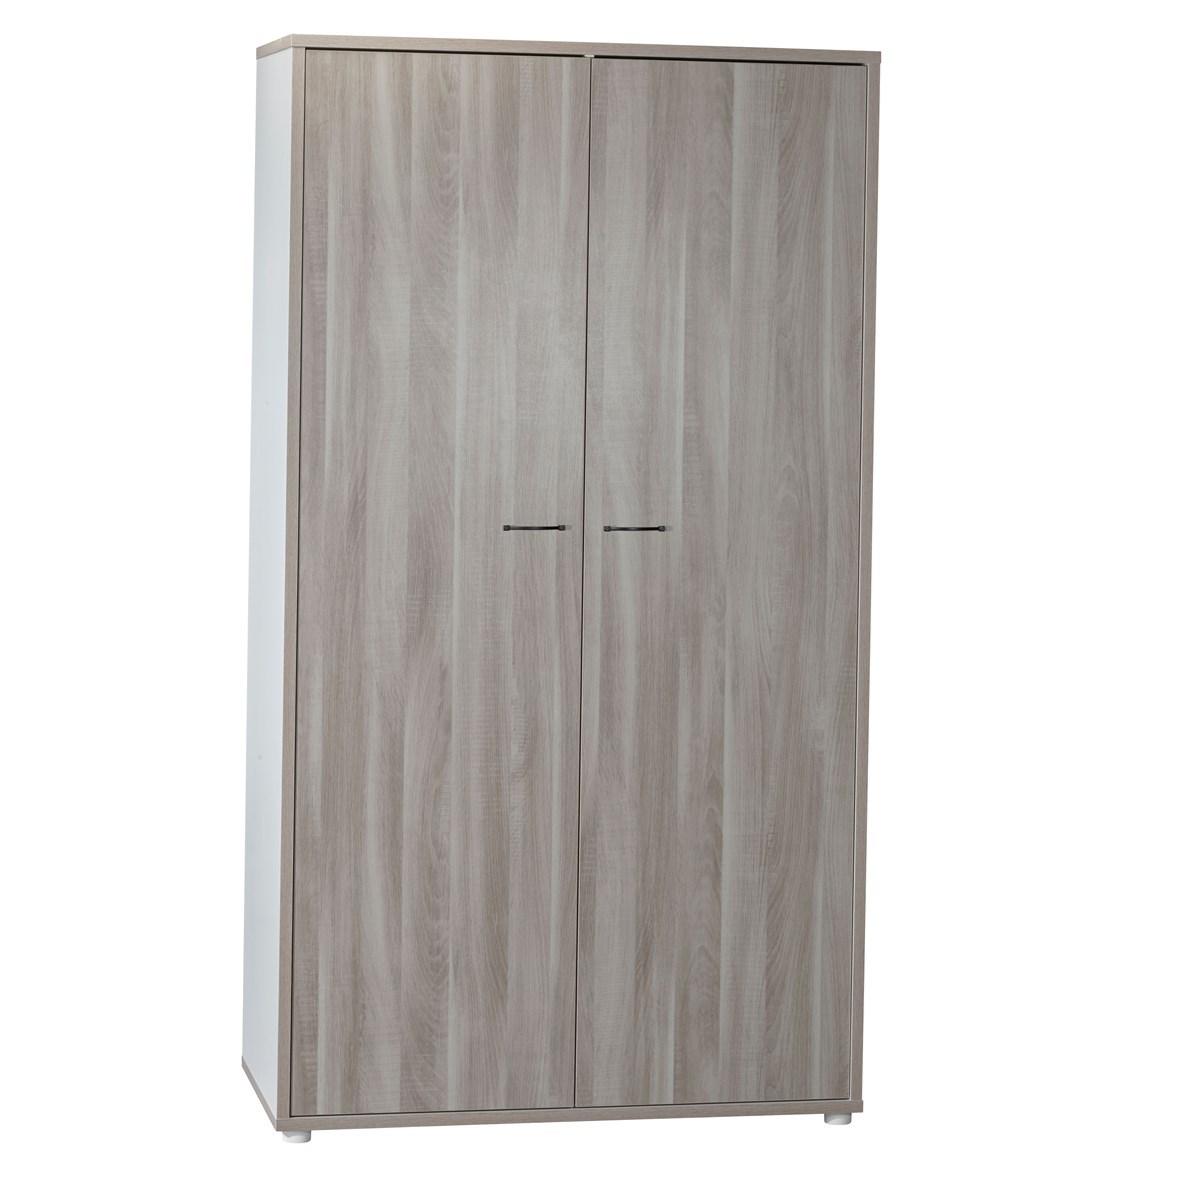 Armoire 2 portes en mdf gris foncé